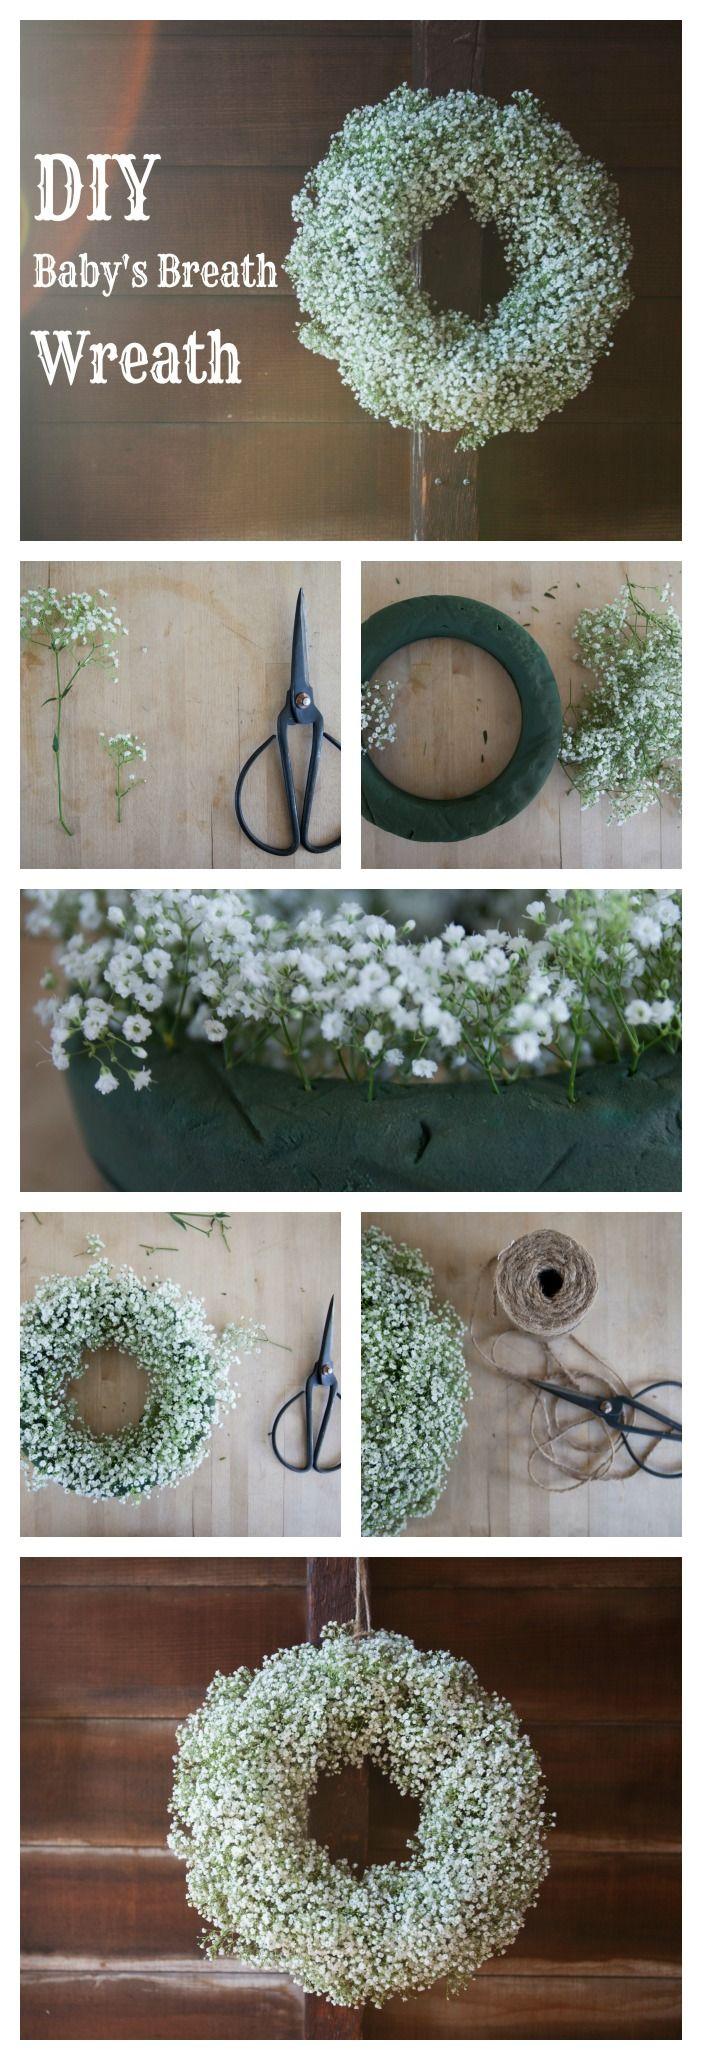 DIY Baby Breath's Wreath